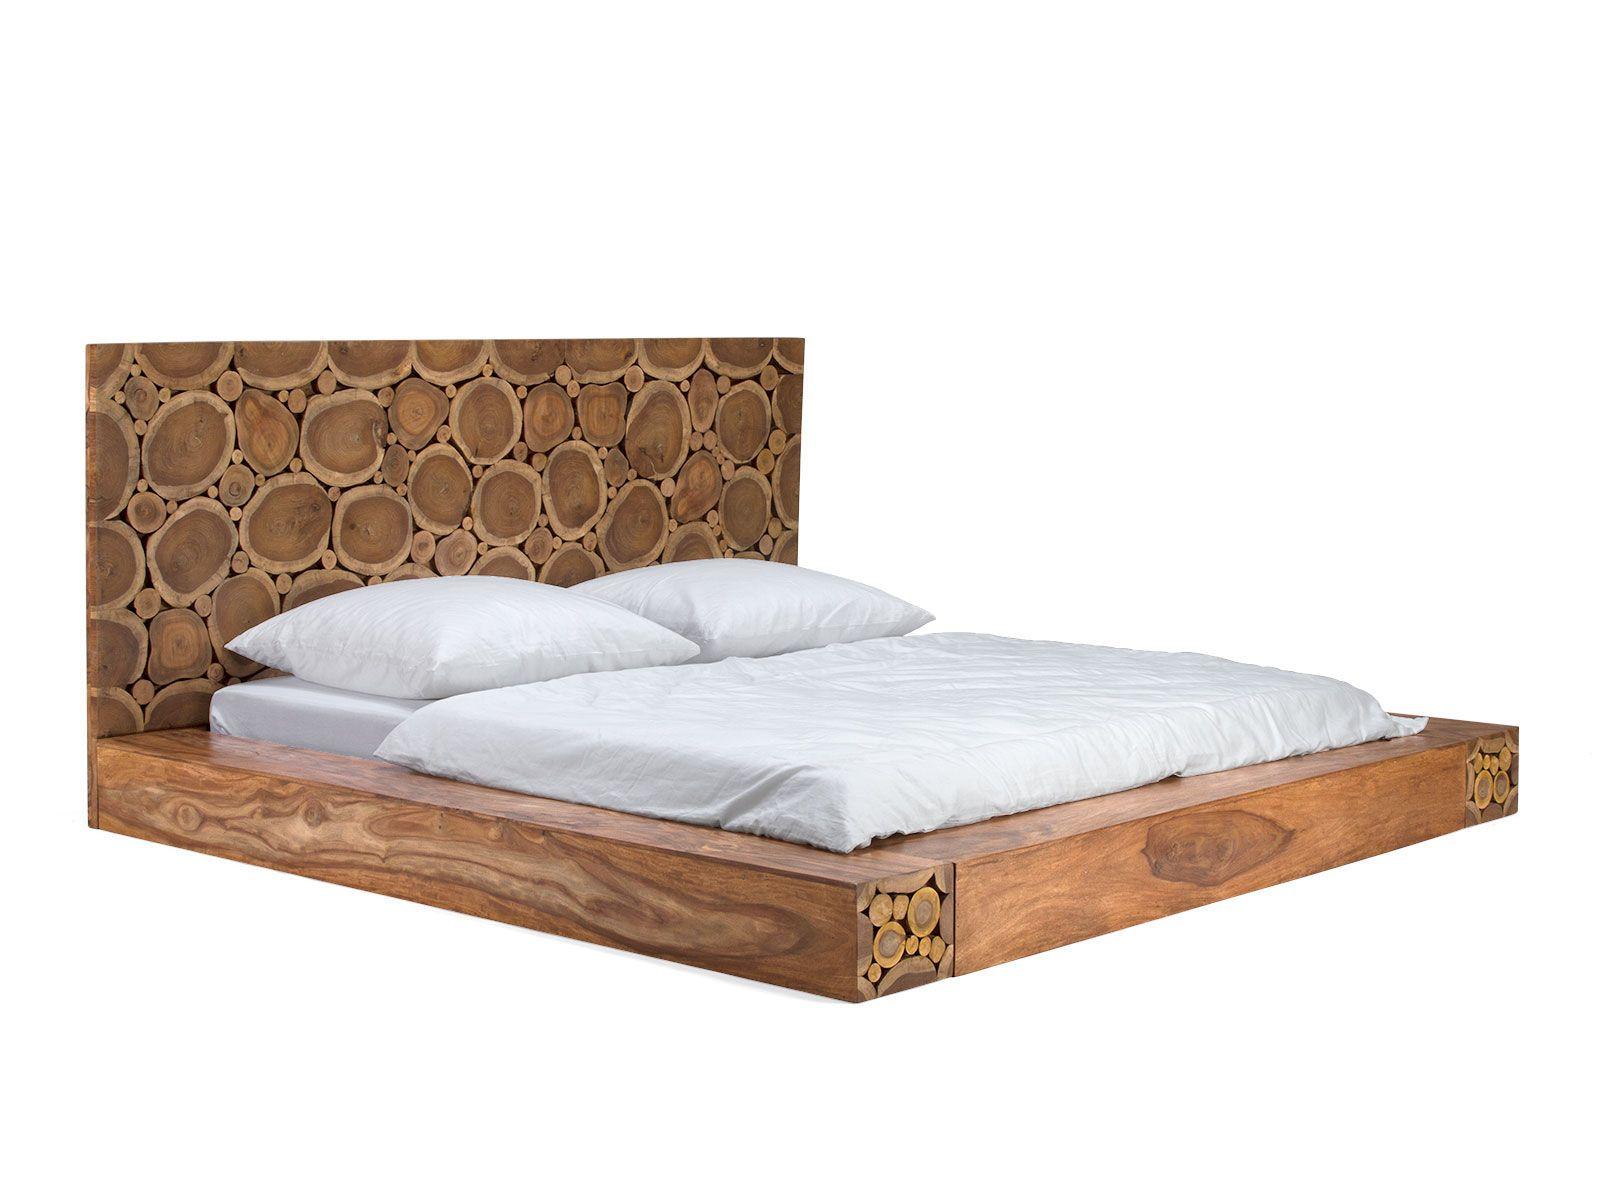 Holzbett Bole Big Holzbett Schlafzimmermöbel Kopfteil Bett